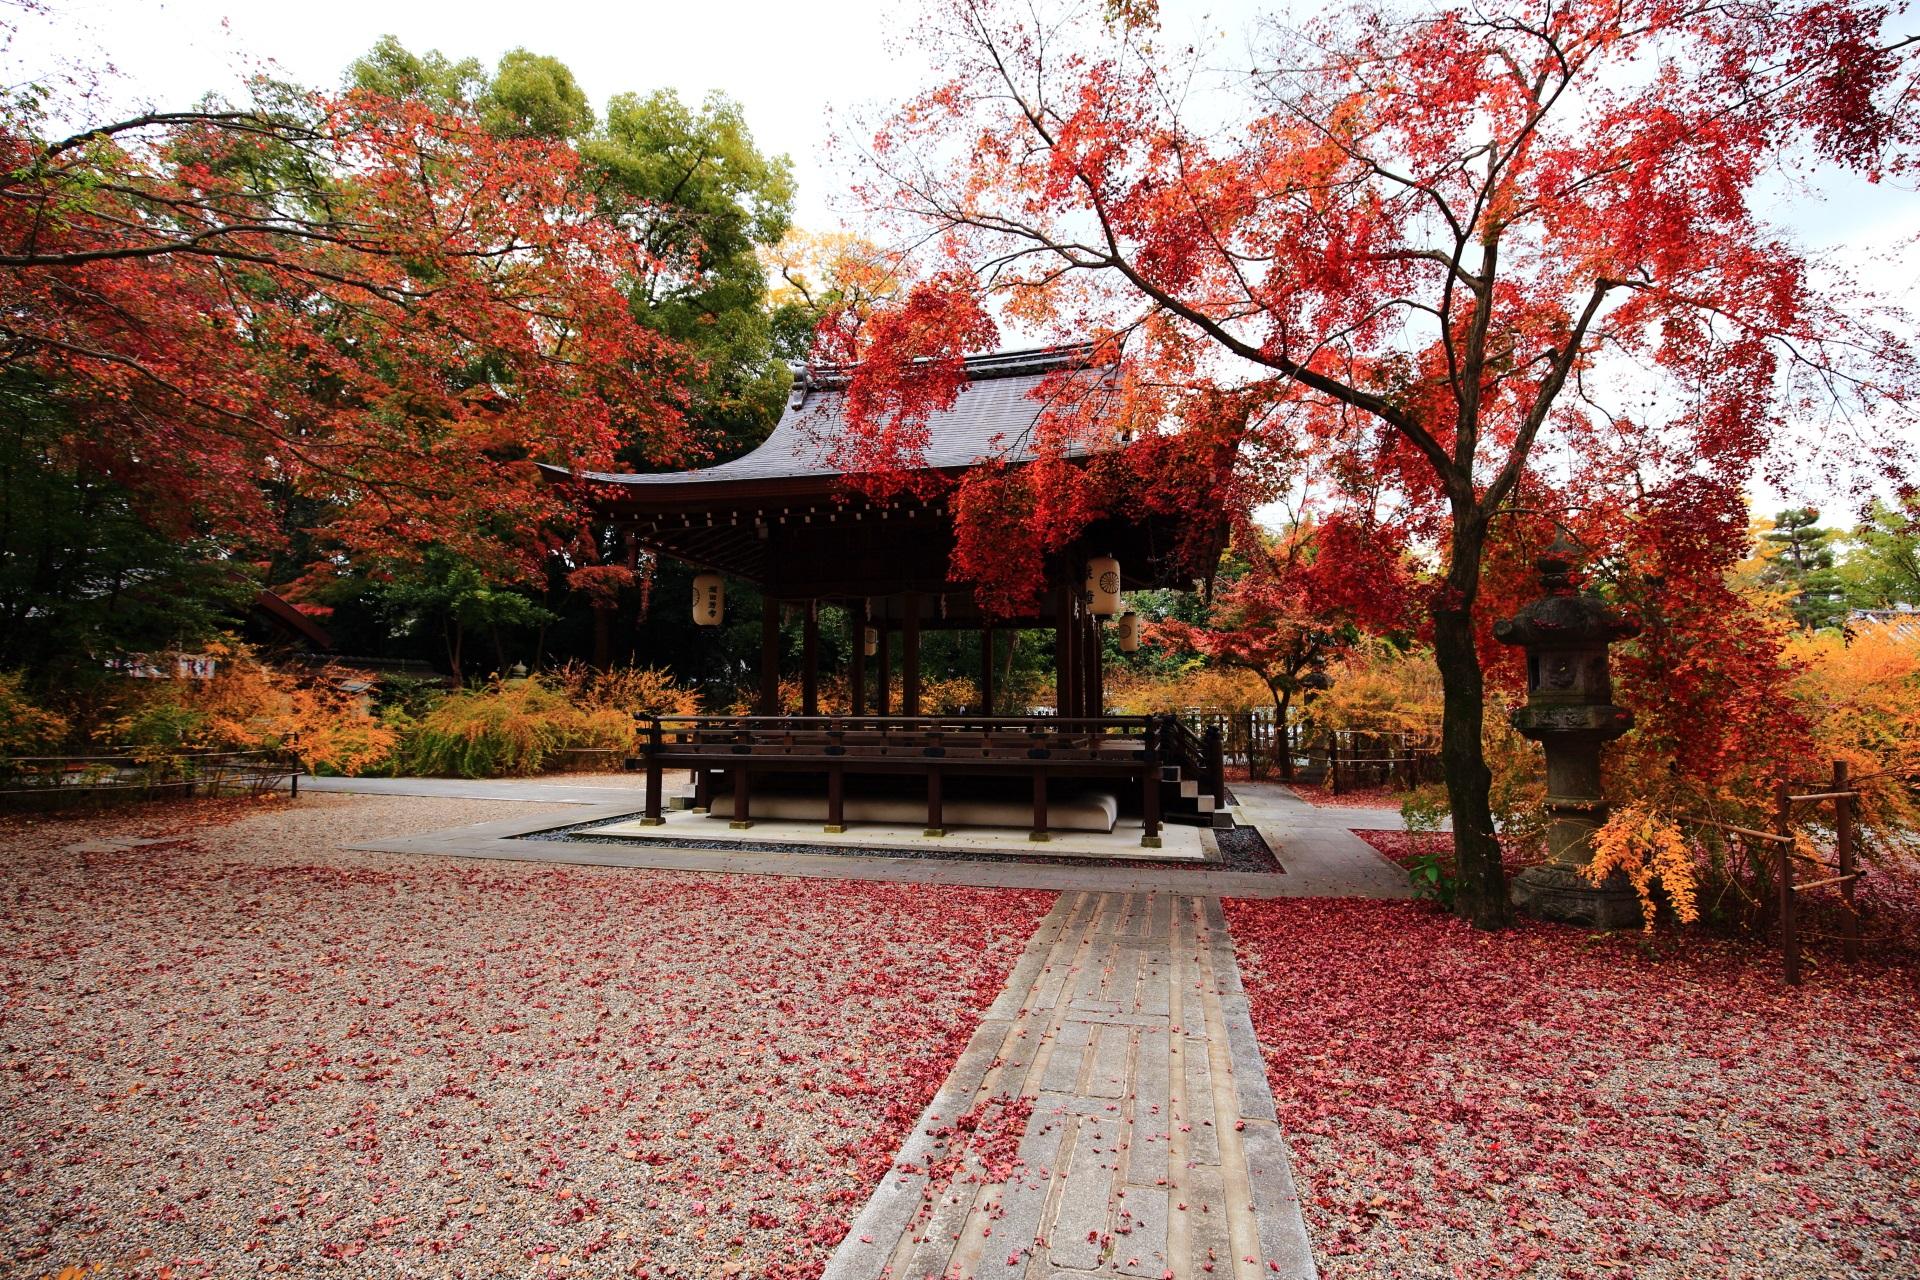 多種多様な彩りにつつまれる秋の梨木神社